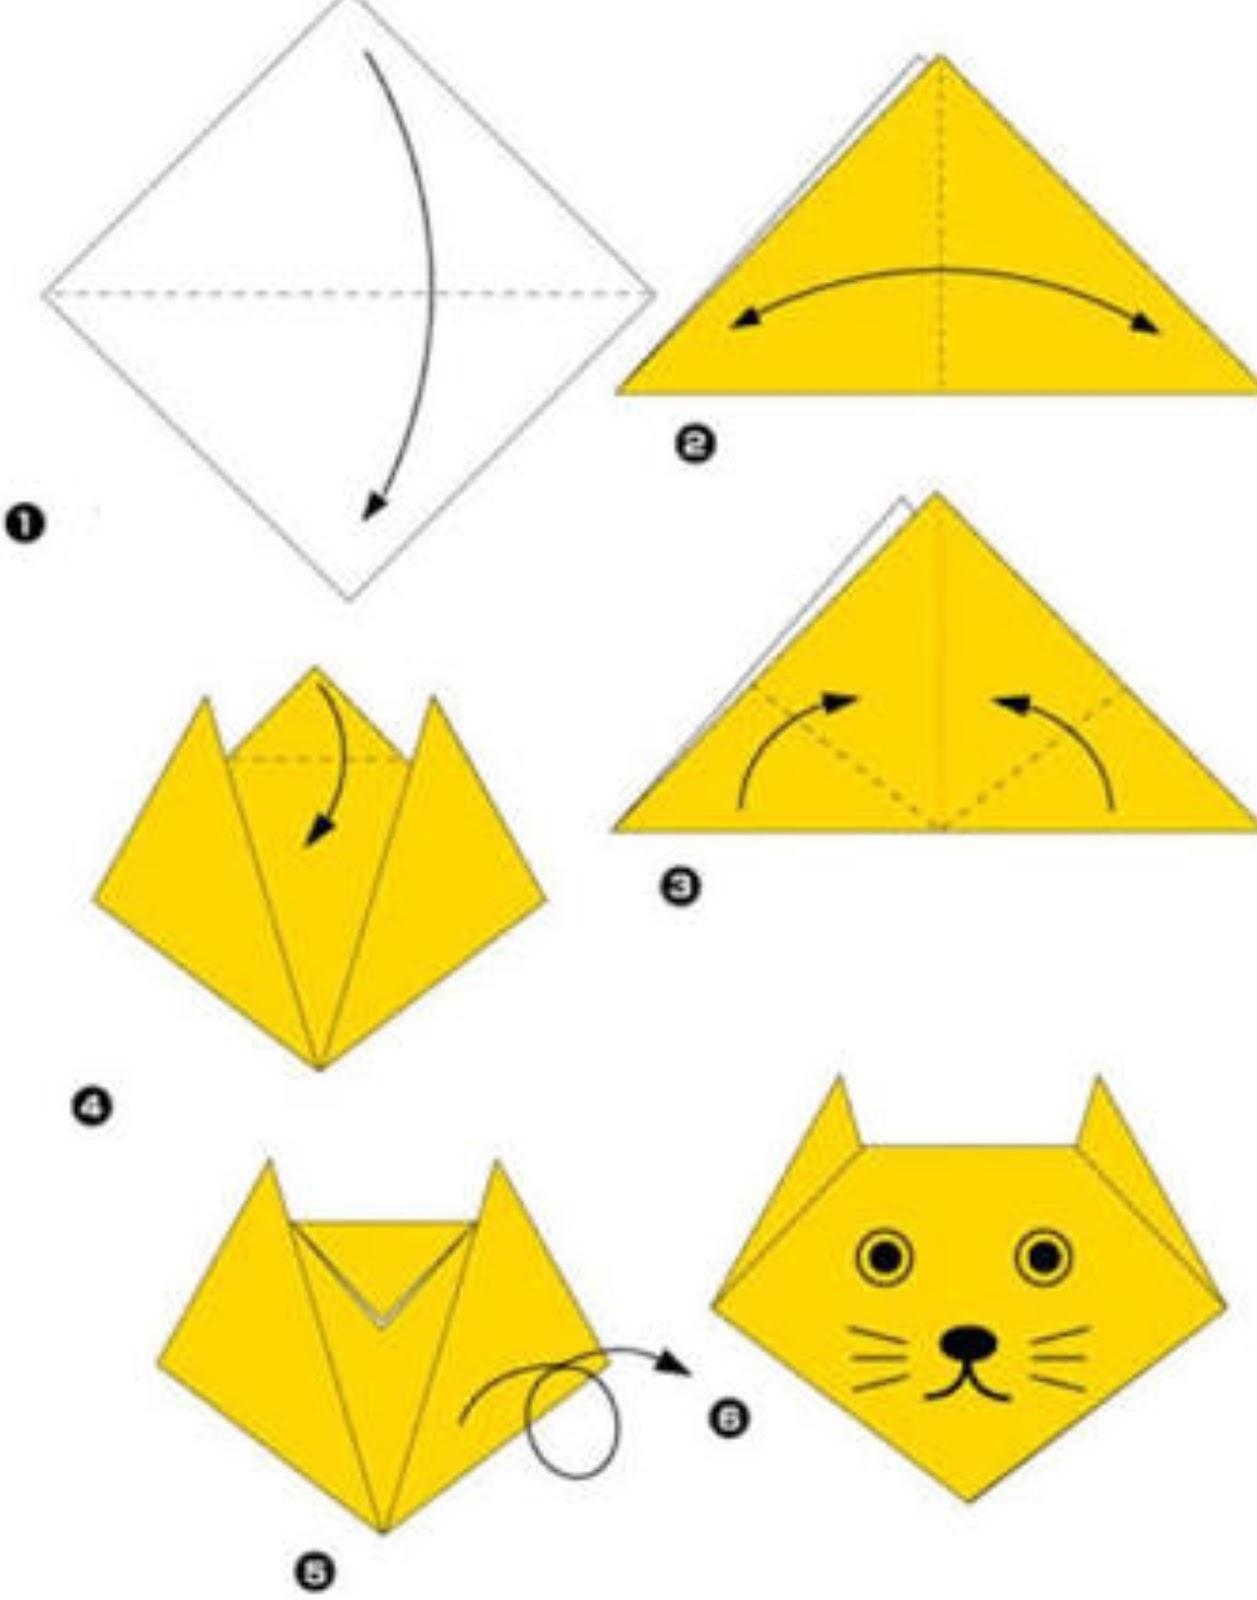 Поделки из бумаги для детей 5-6 лет, мастер-классы поэтапно